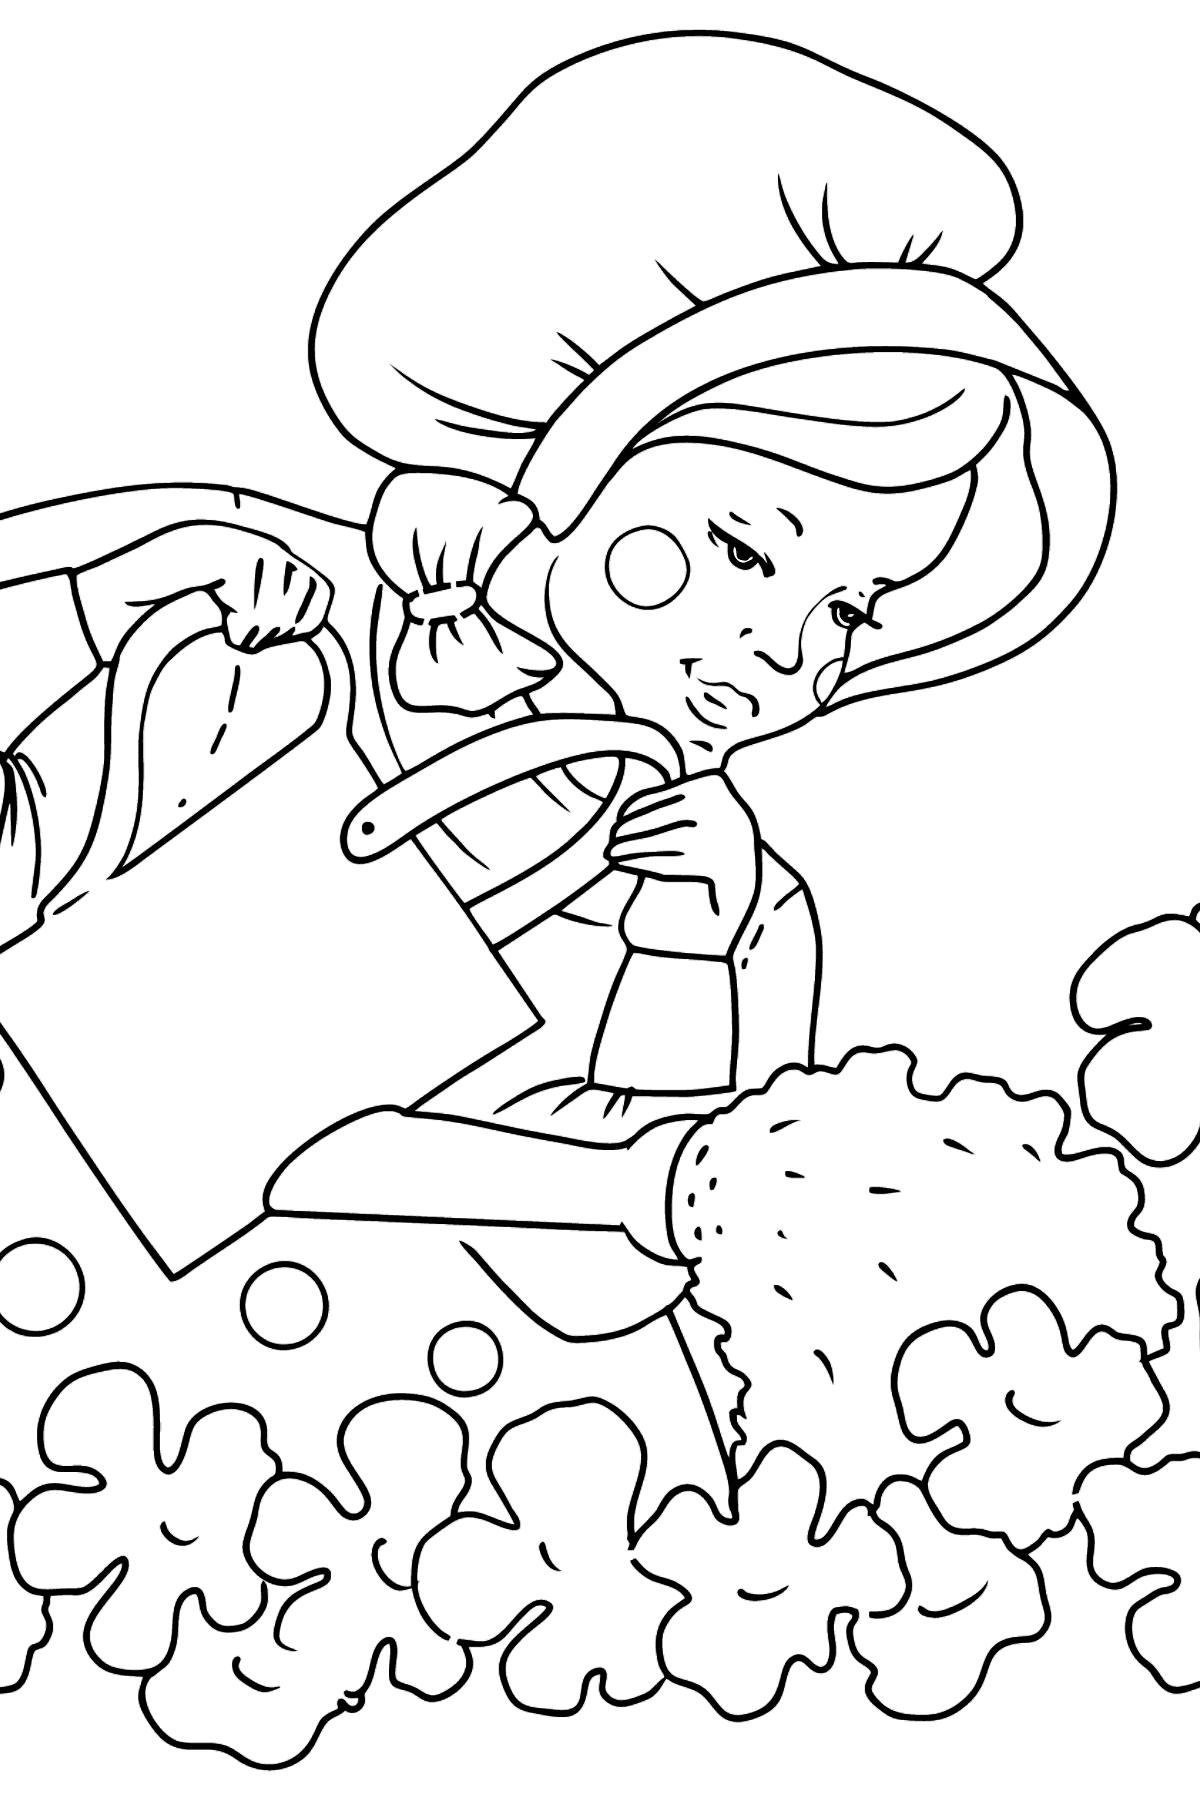 Раскраска девочка поливает цветы - Картинки для Детей